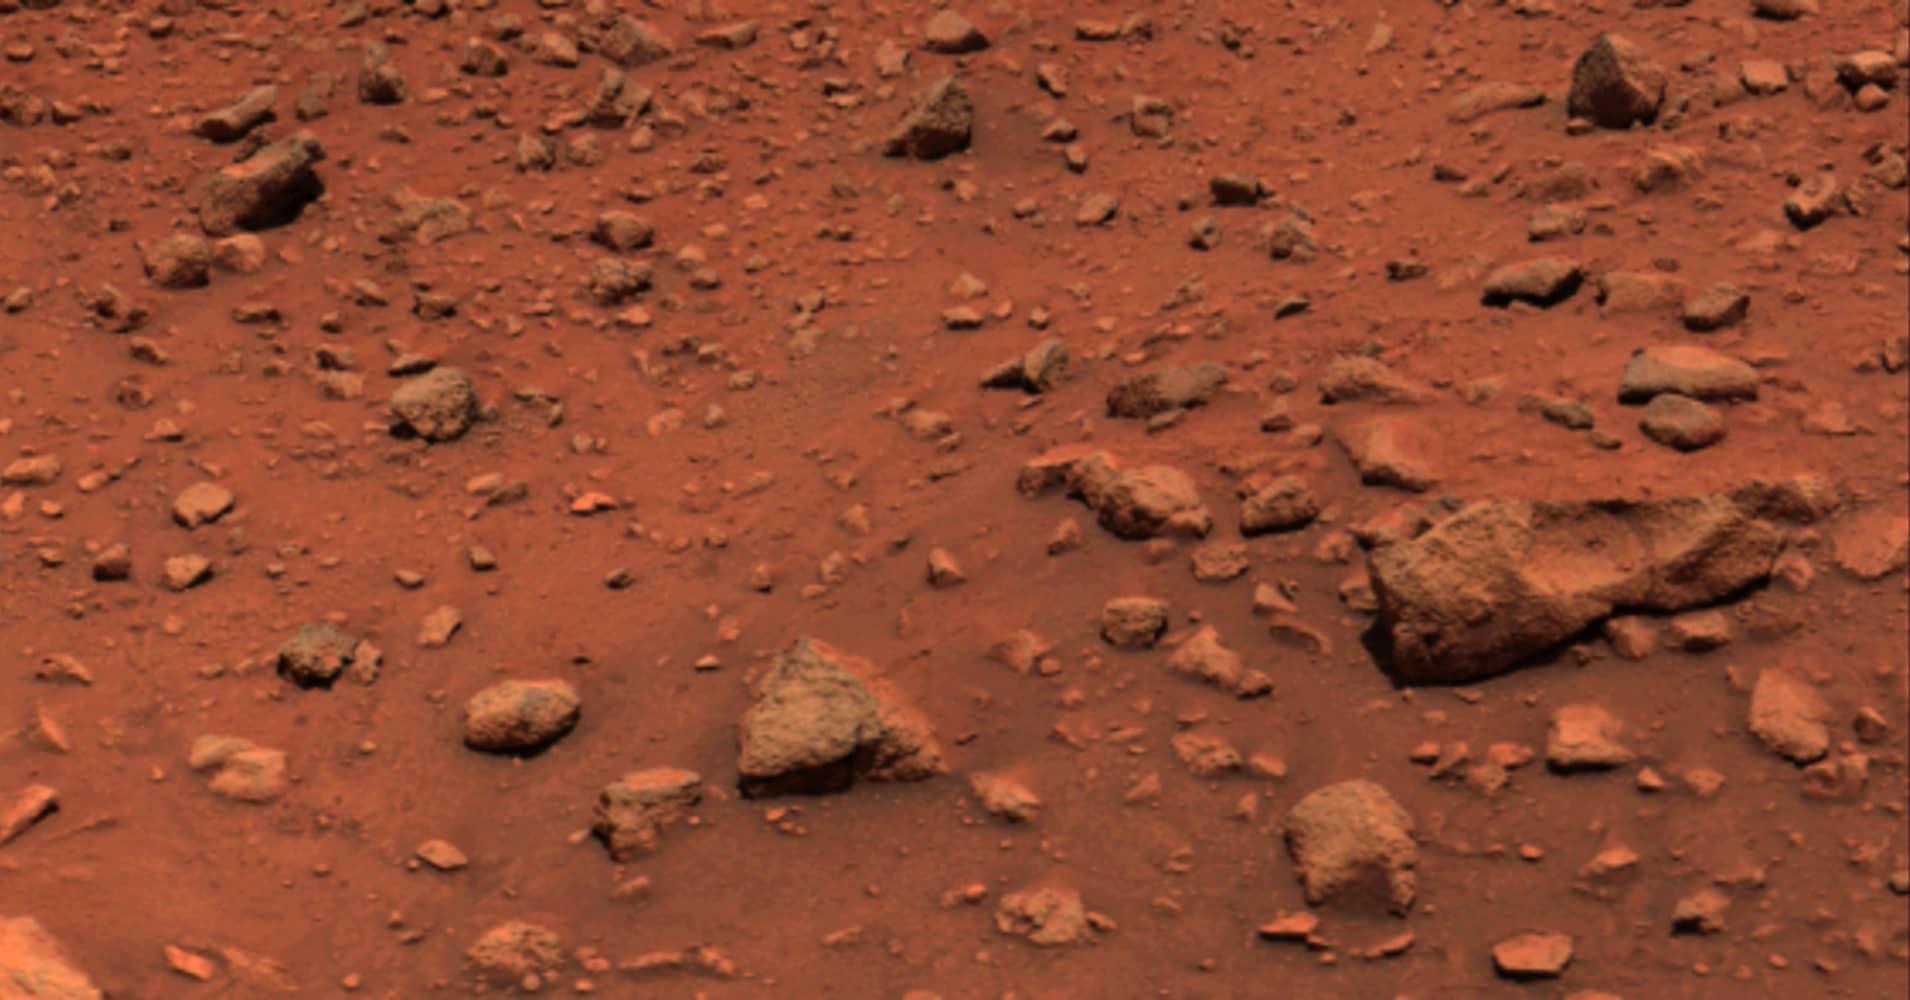 Hard crash-landing may have wrecked Europe's Mars probe